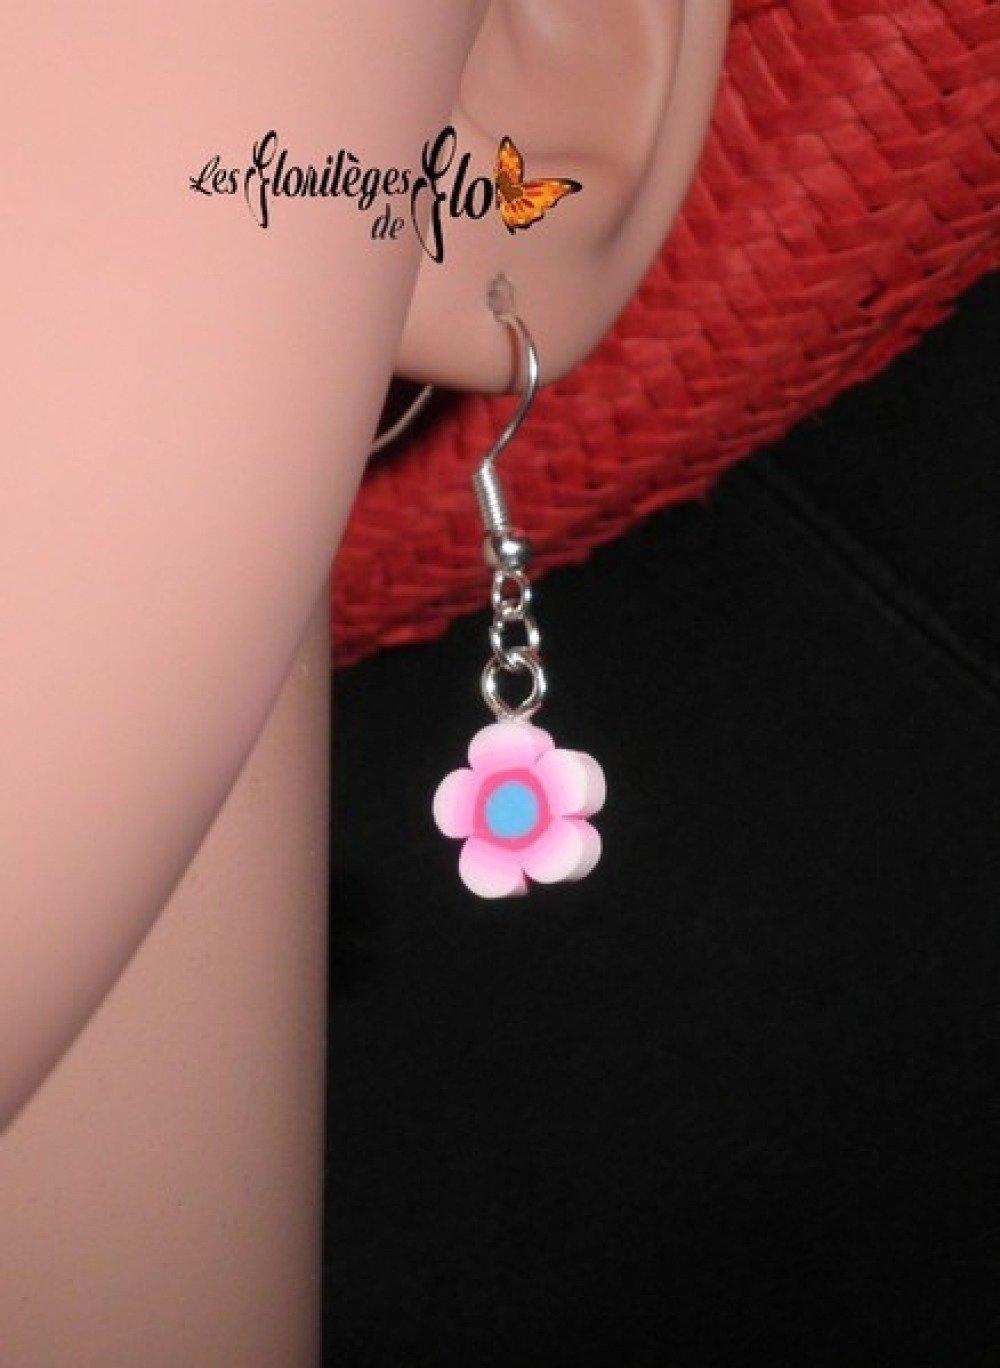 00920 - Boucles d'oreille fleur rose et bleu en fimo